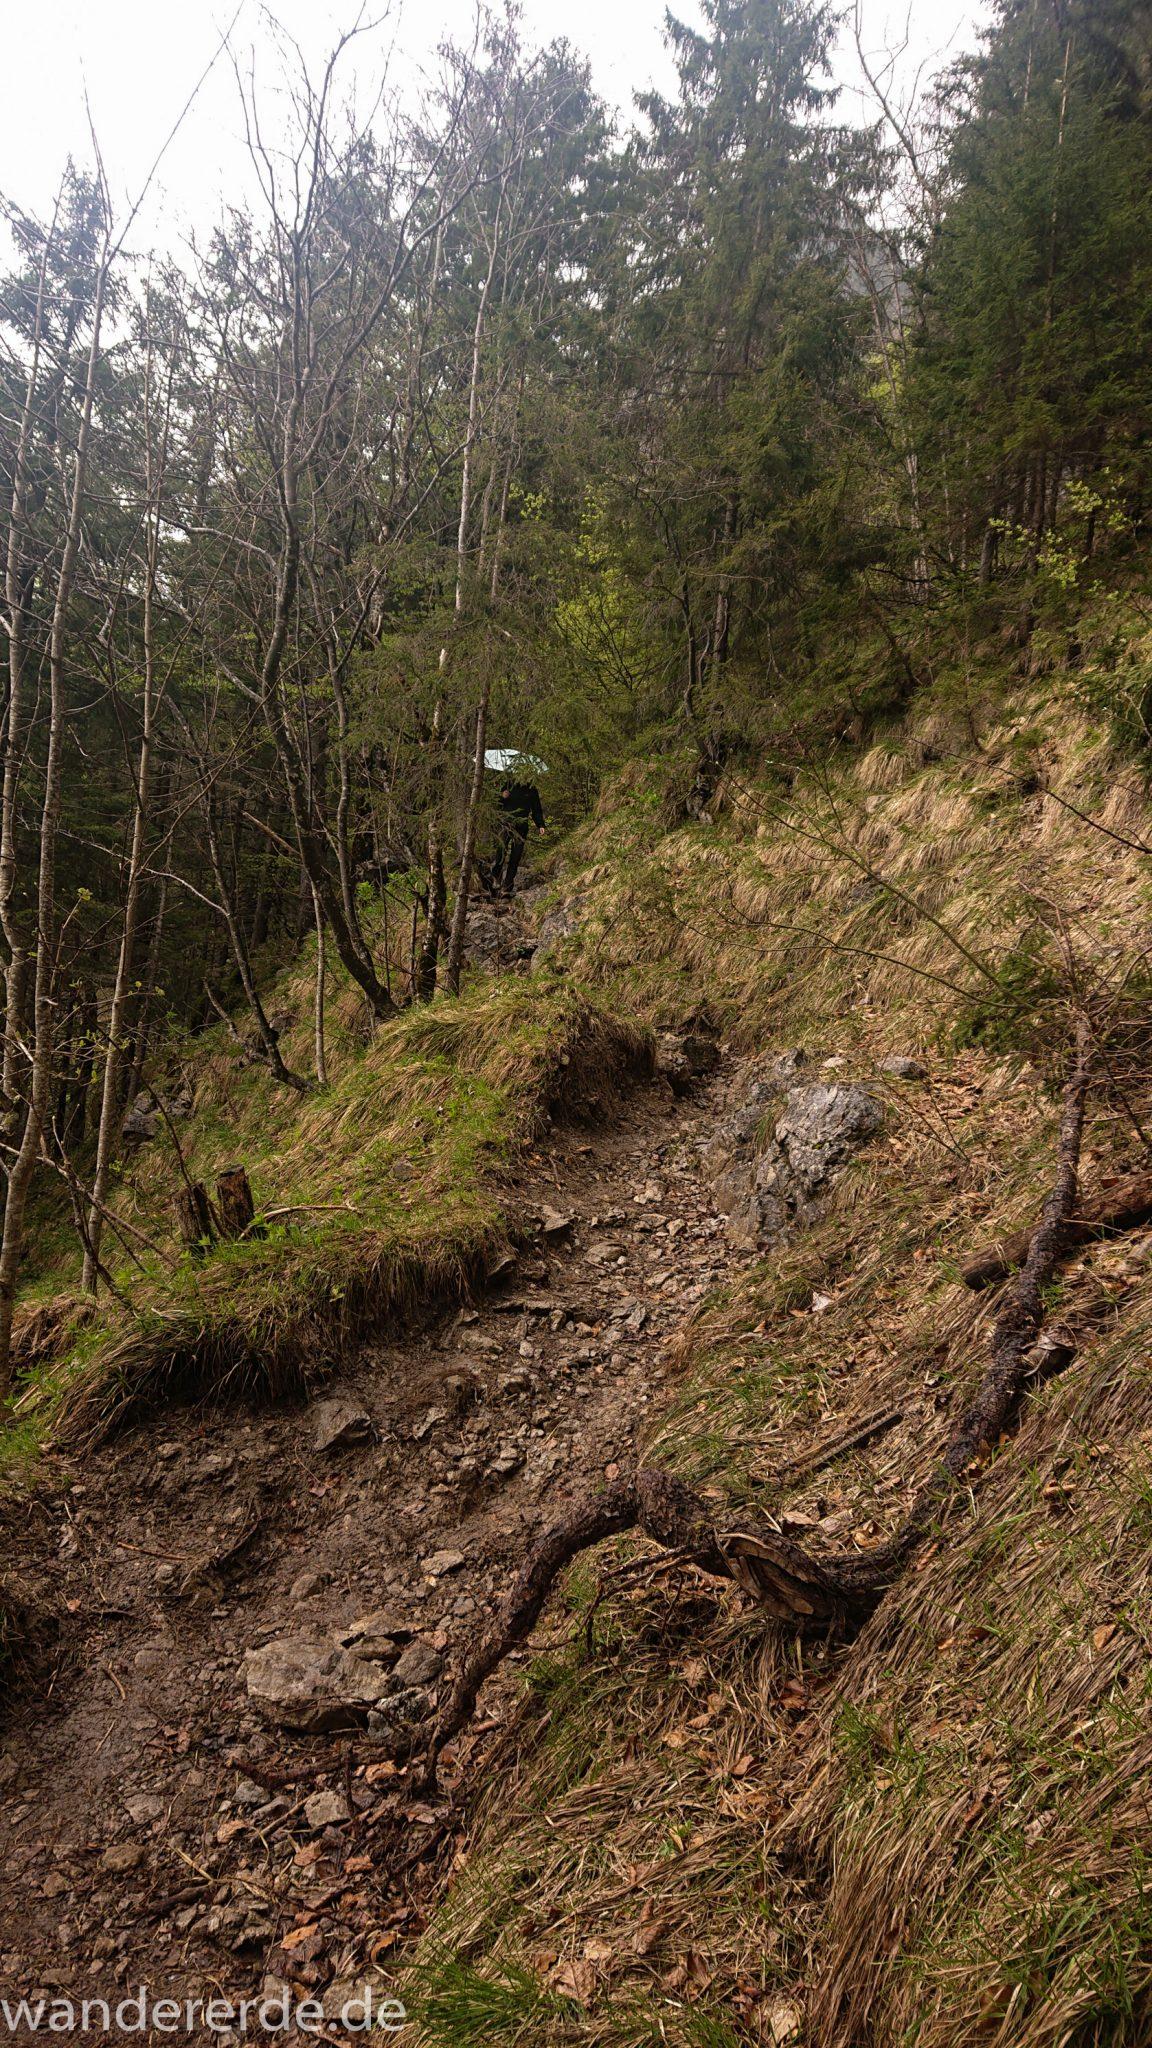 Wanderung Oberstdorf nach Gerstruben im Allgäu, Bayern, Wanderweg führt nach Bergbauerndorf Gerstruben über sehr empfehlenswerten aber steilen Weg Hölltobel wieder abwärts, grüner Wald